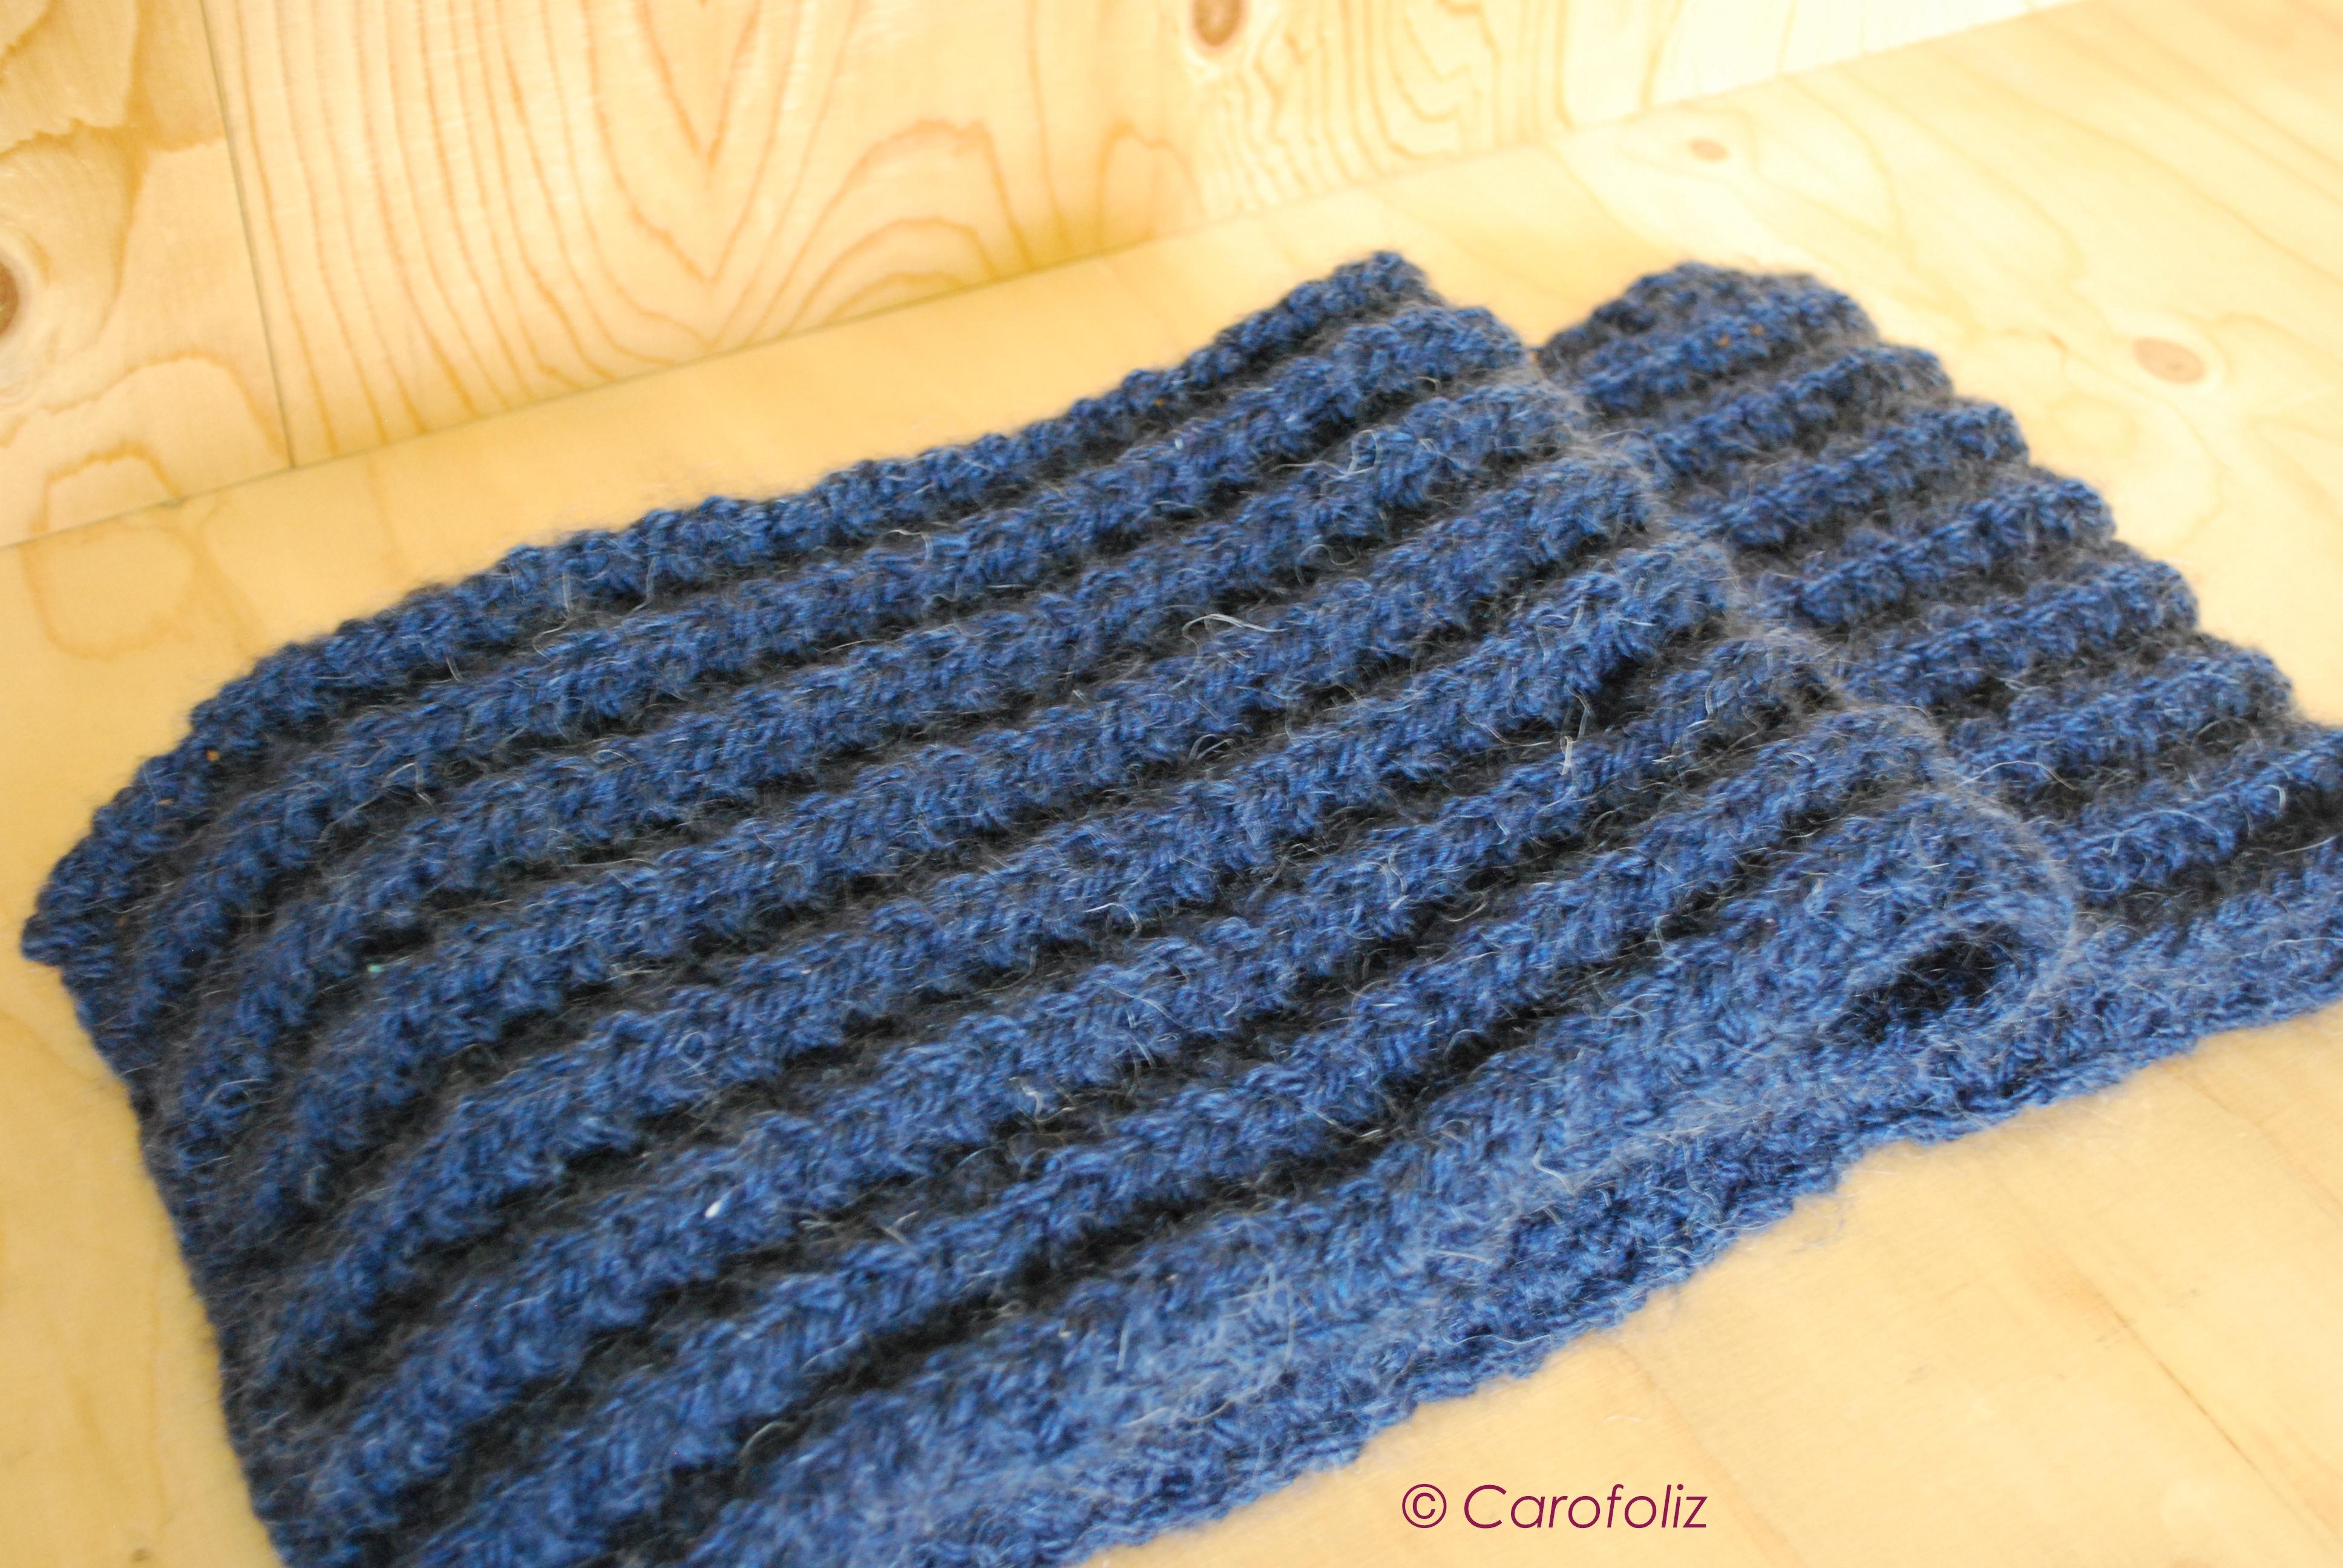 c47082b1d69c Modele echarpe en laine homme - Idée pour s habiller